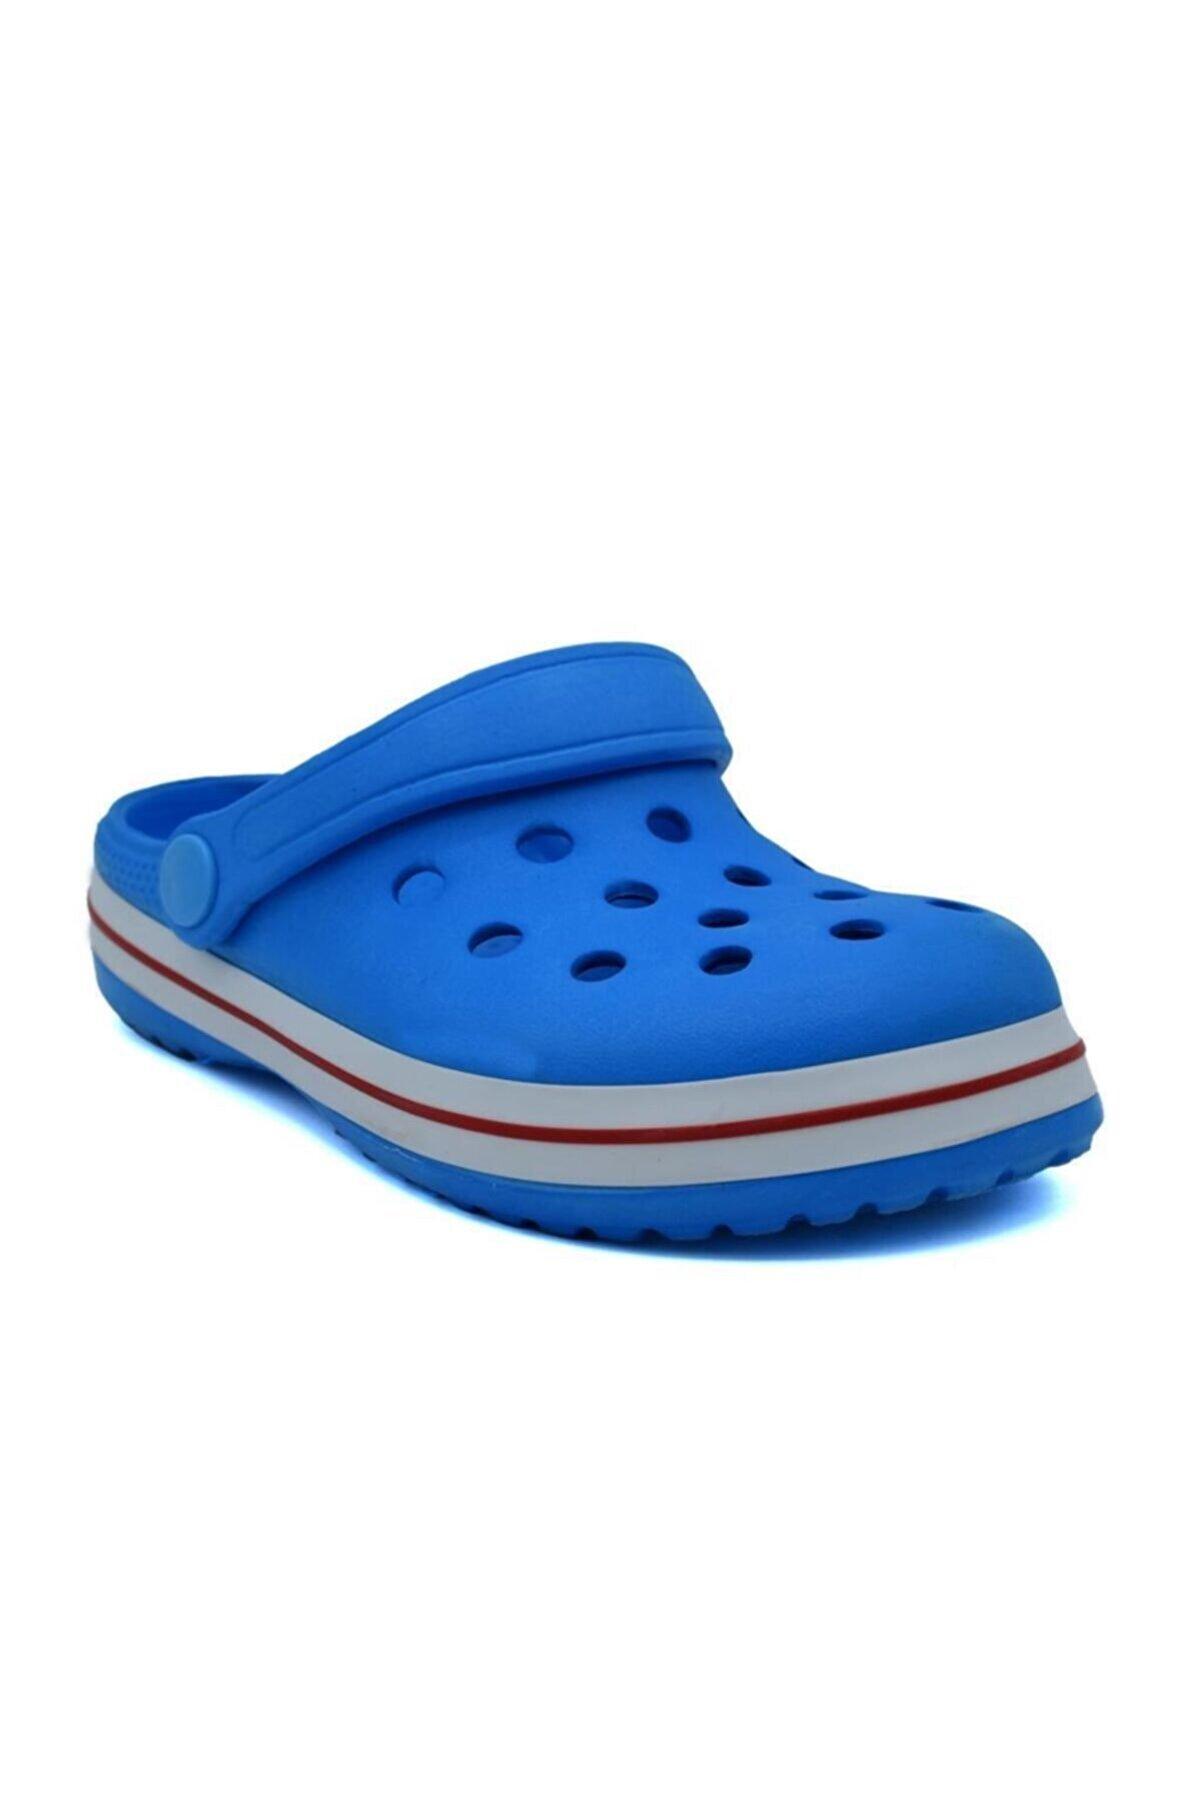 Akınalbella Erkek Çocuk Deniz Havuz Terliği Sandalet